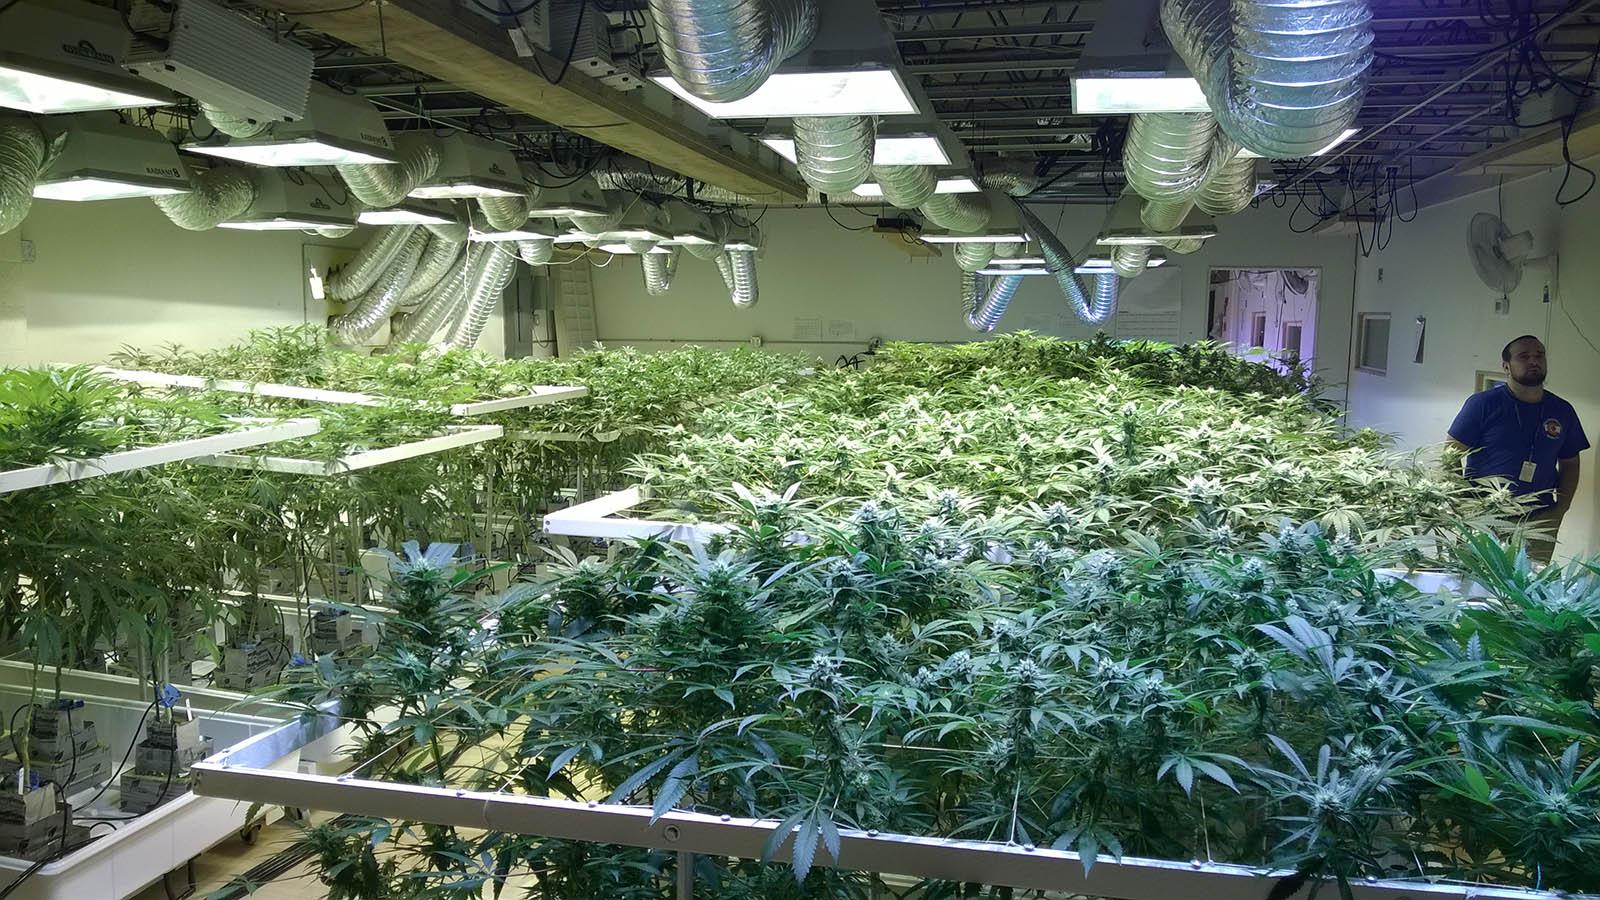 Sur la route de la l galisation voyage denver jour 2 for Culture cannabis interieur hydroponique